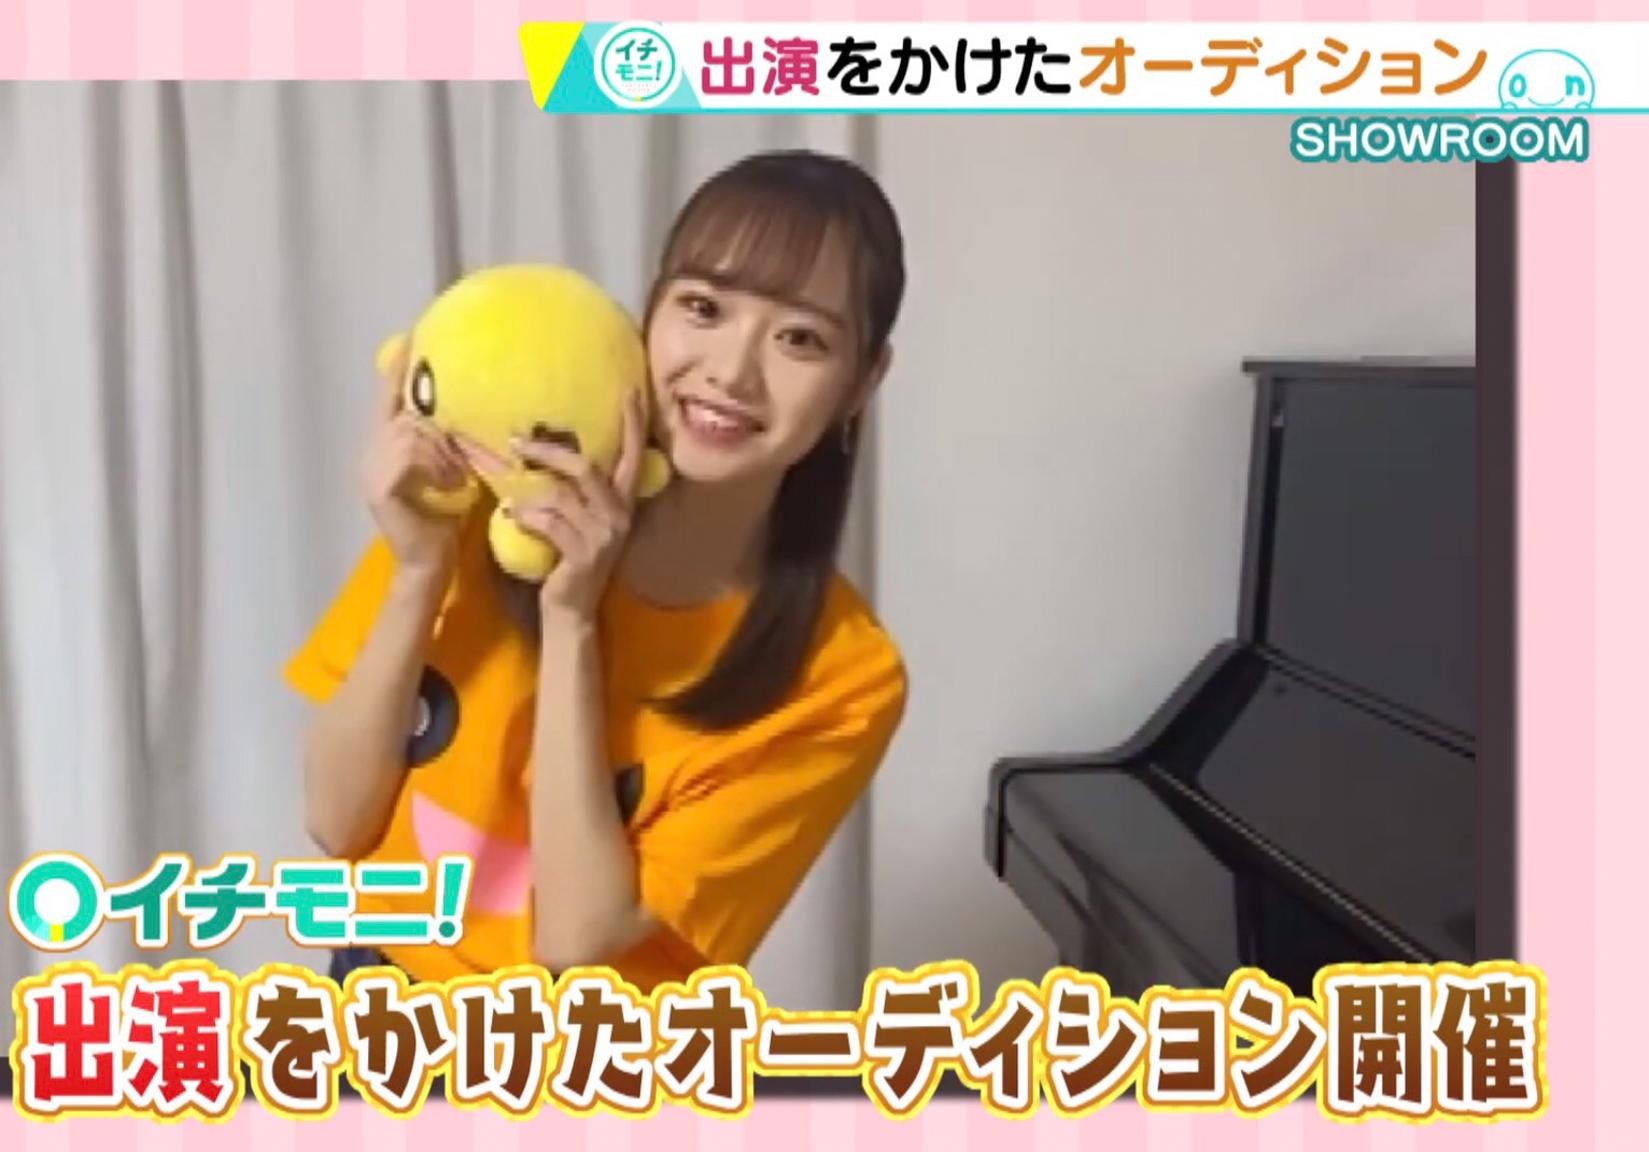 川岸瑠那/北海道テレビ(HTB)人気番組『イチモ二!』